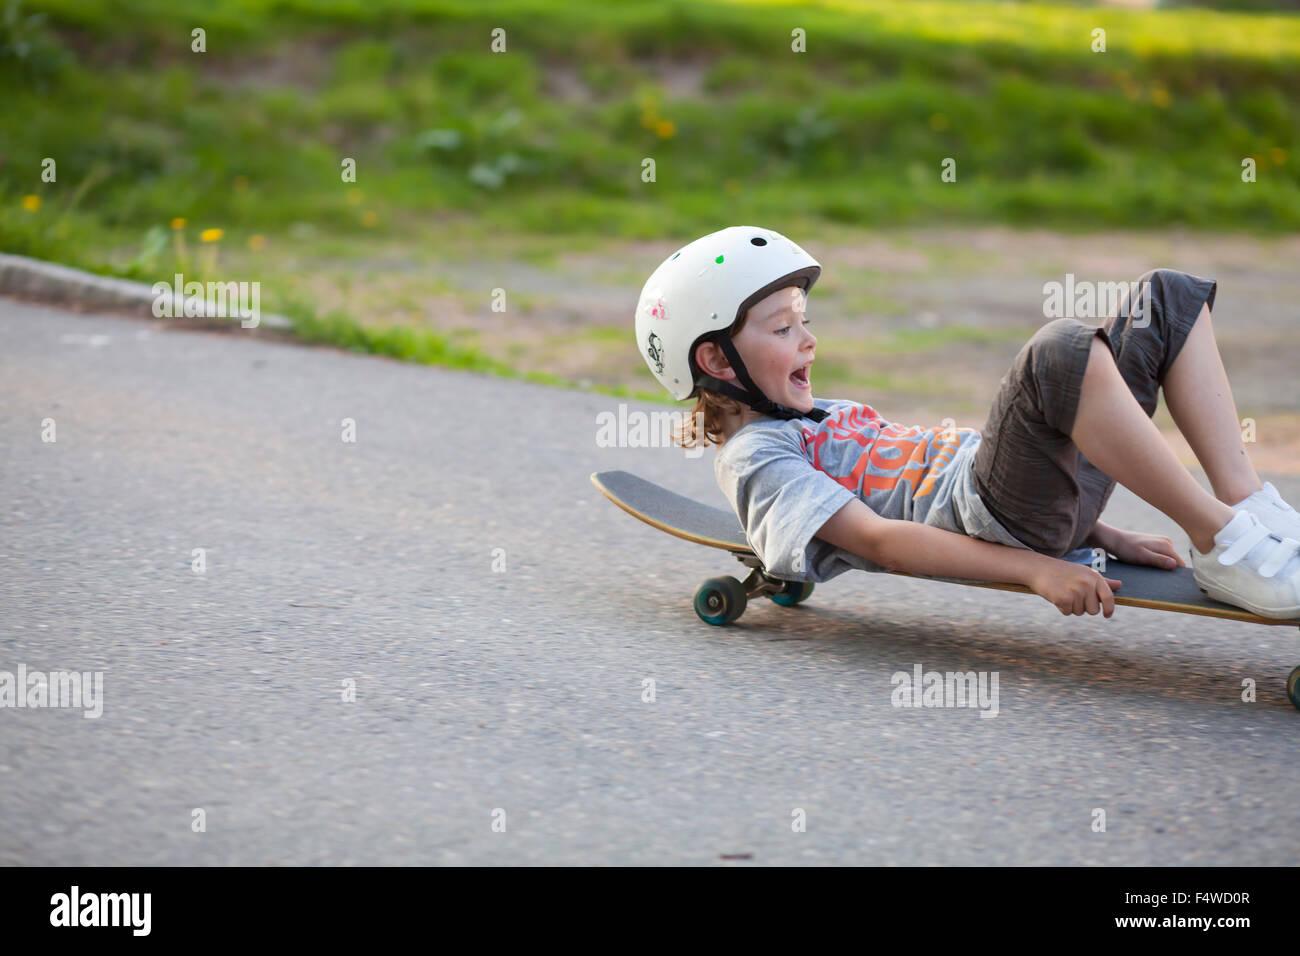 La Svezia, Vastergotland, Lerum, ragazzo (8-9) scorrevole verso il basso street su skateboard Immagini Stock